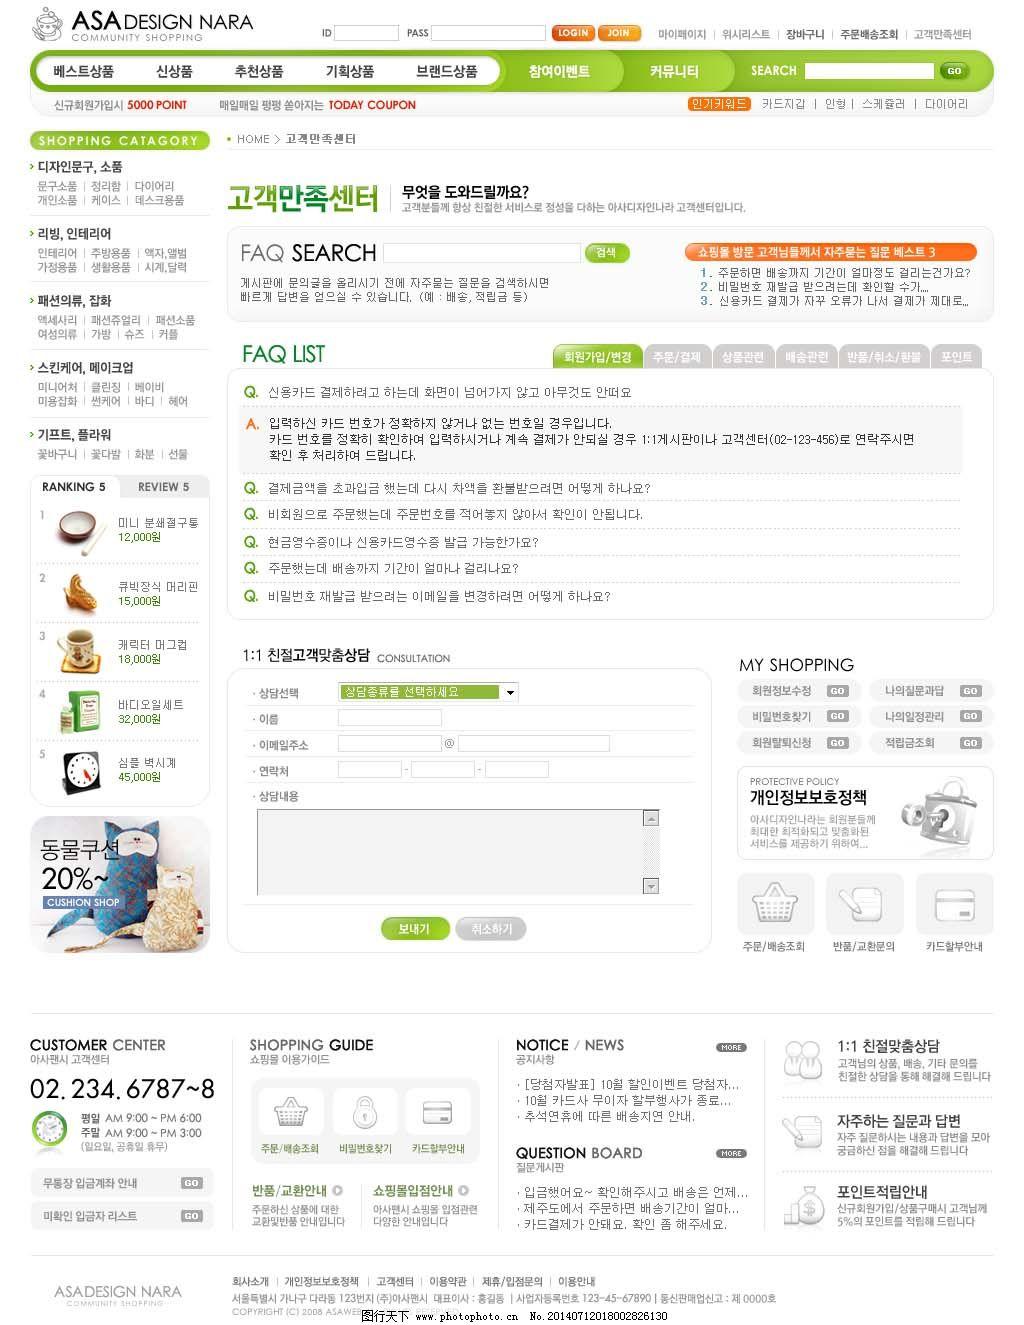 商城列表页模板 商城列表页模板免费下载 韩国网站模板 留言板 商城图片